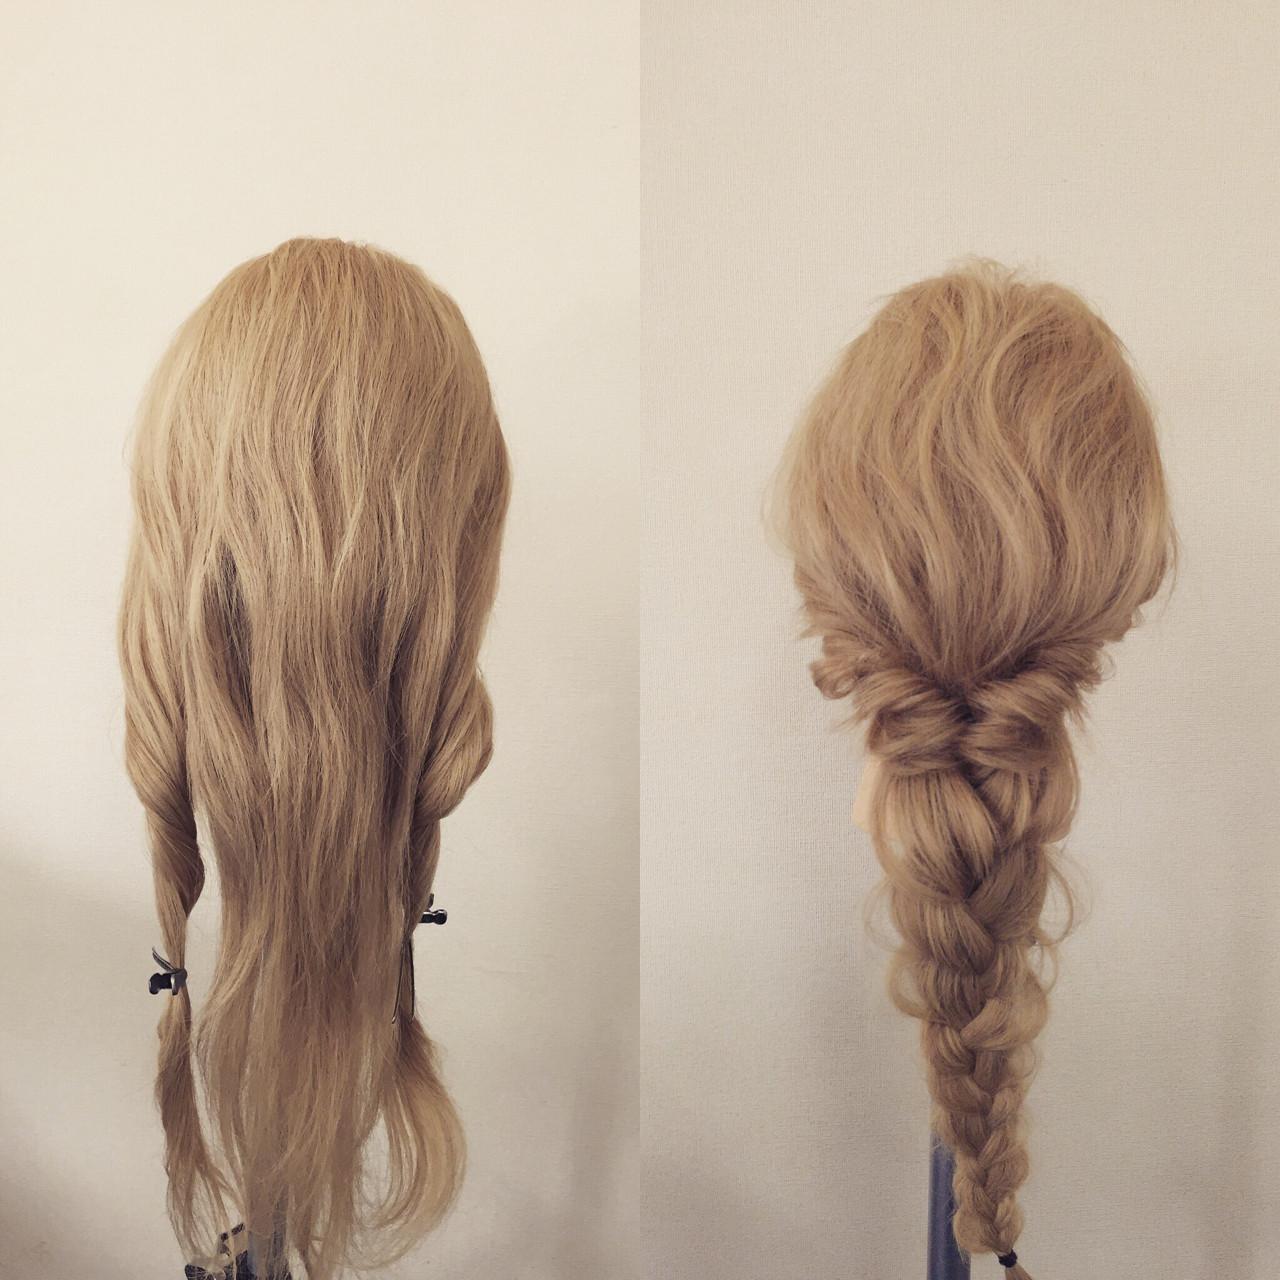 ロング ヘアアレンジ 大人かわいい 簡単ヘアアレンジ ヘアスタイルや髪型の写真・画像 | 佐藤 允美 / Hair Space  ACT  LOCALLY(アクトローカリー)